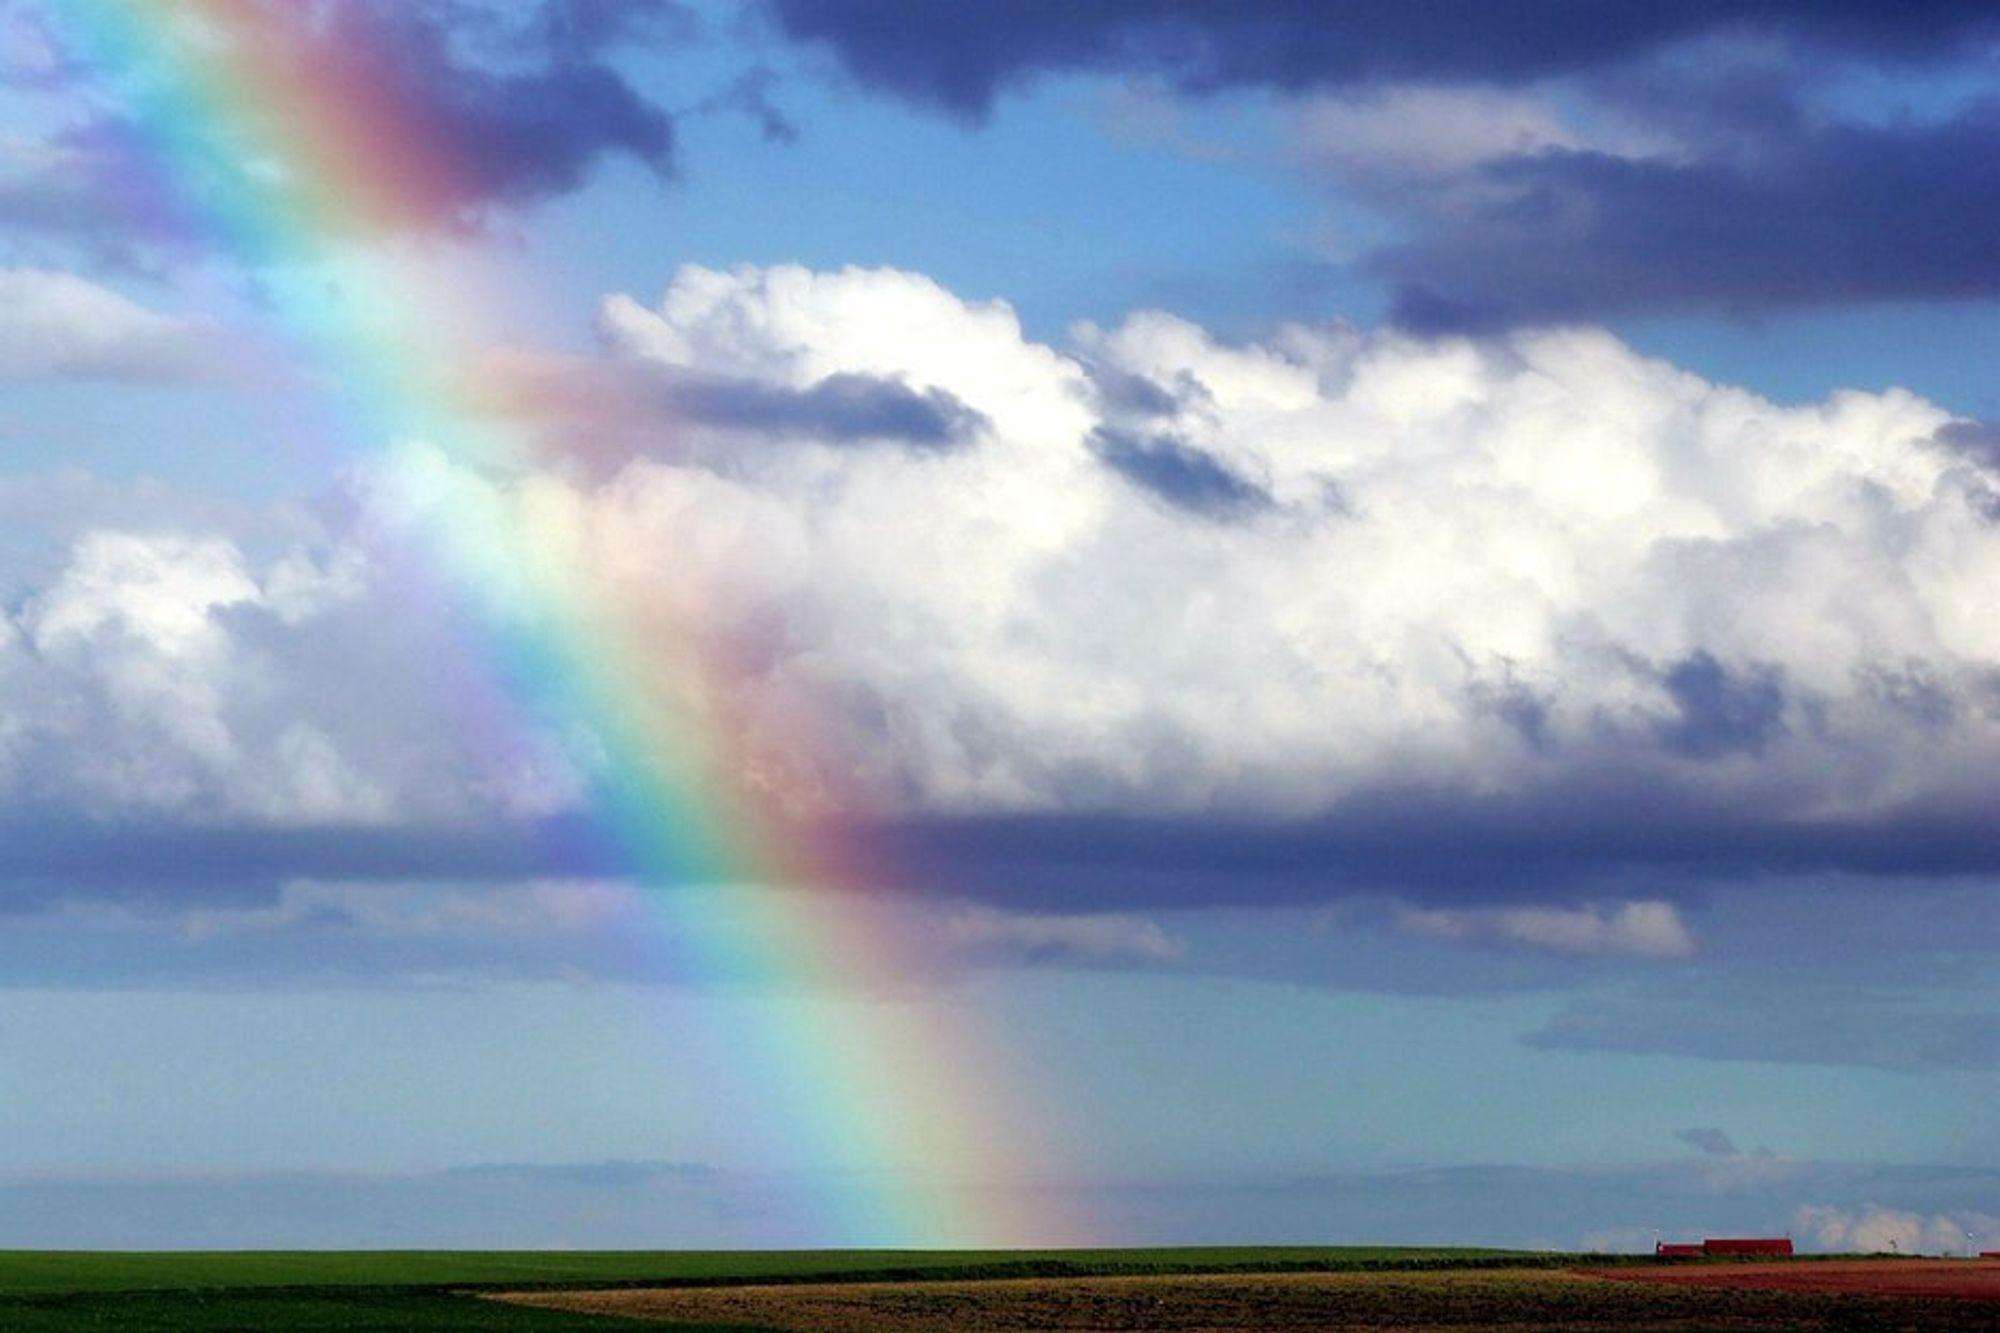 NETTSKYEN LOKKER: Men norske bedrifter vet lite om gullet i enden av regnbuen, viser undersøkelse.